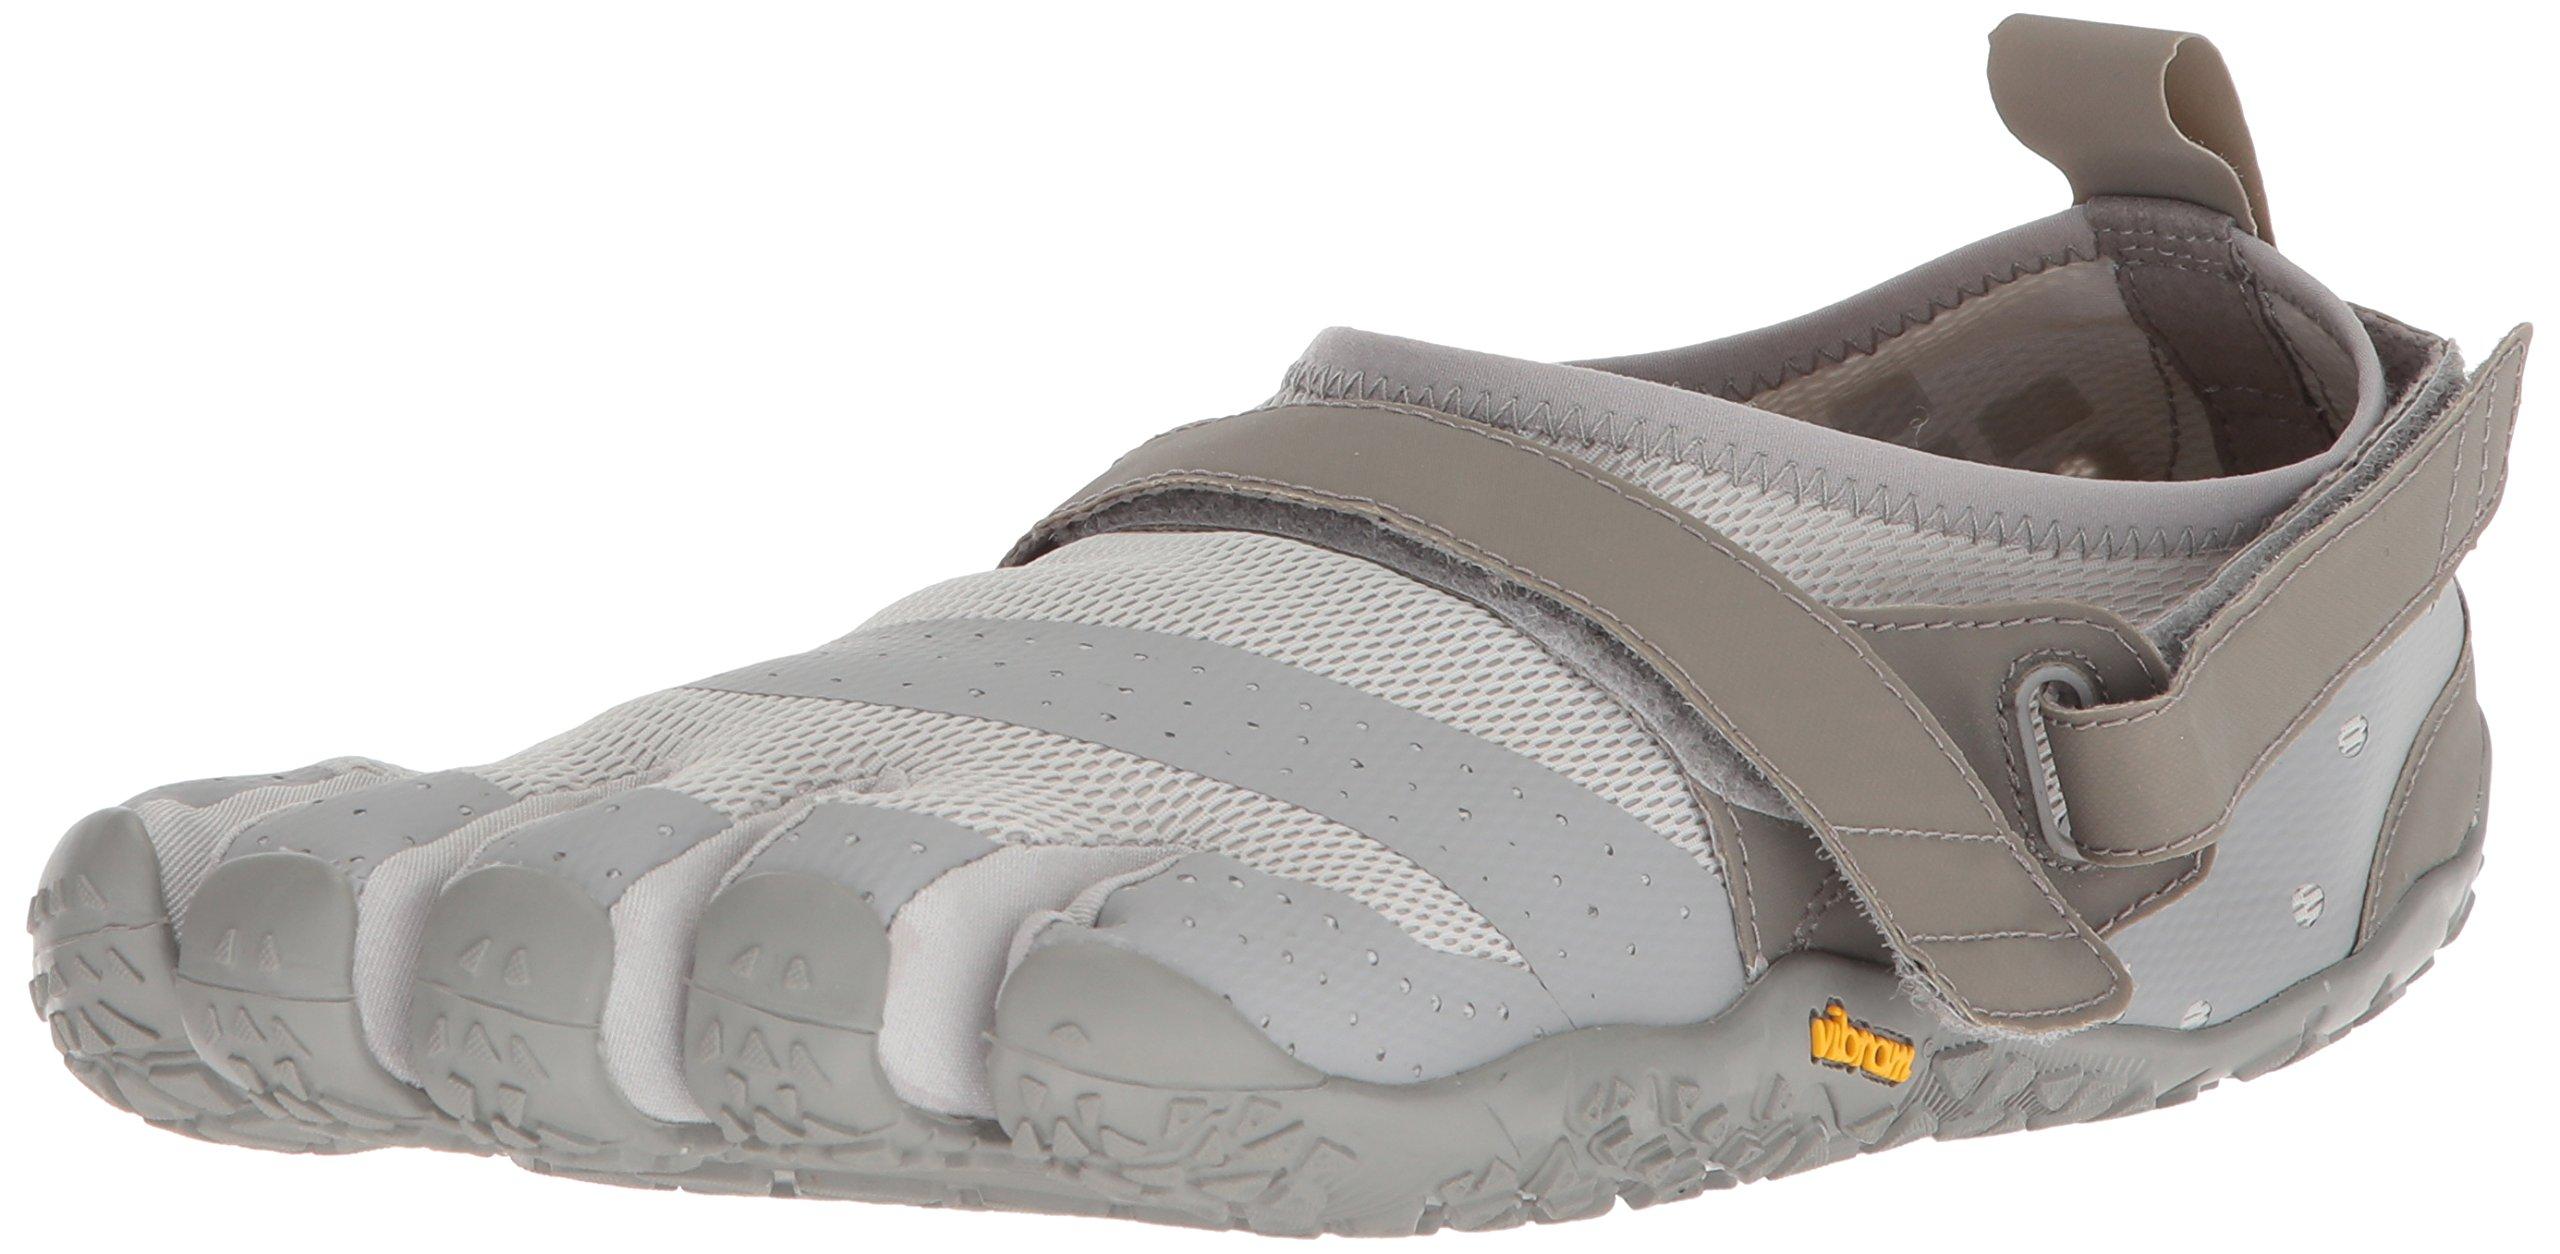 Vibram Men's V-Aqua Grey Walking Shoe, 48 EU/12.5-13 US D EU (48 EU/12.5-13 US US)